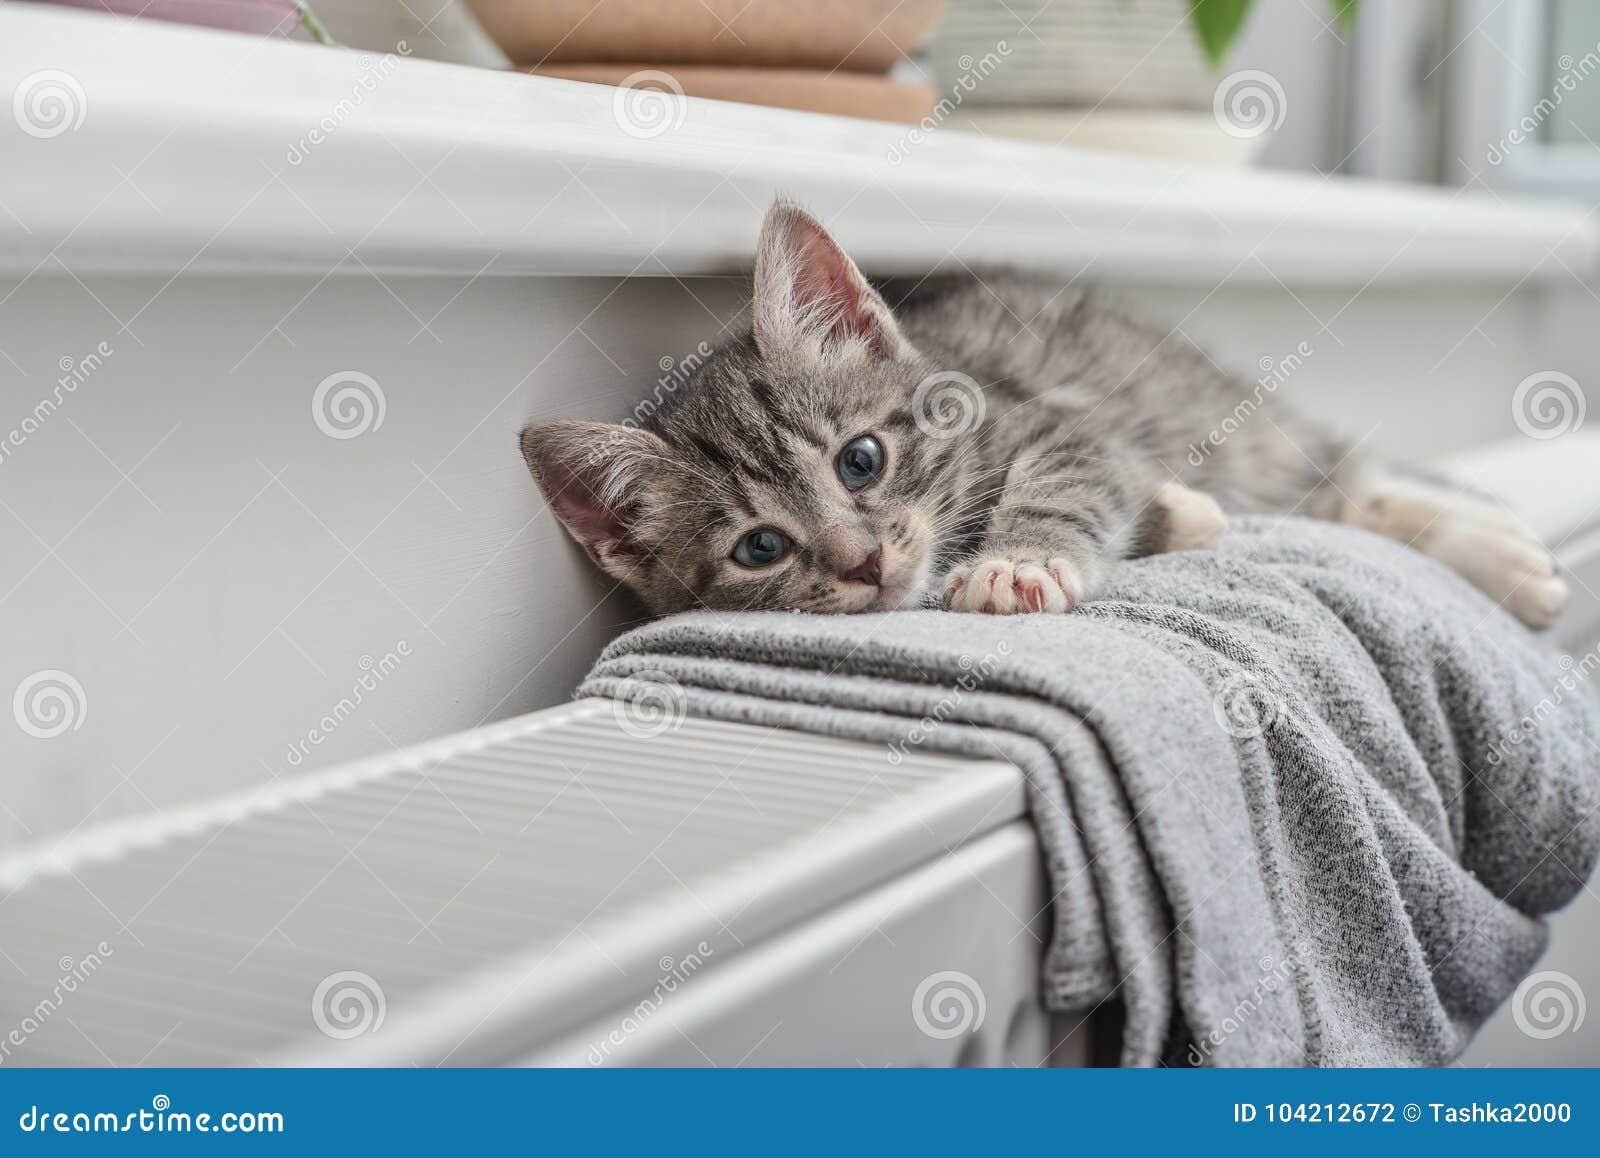 Cute little grey kitten